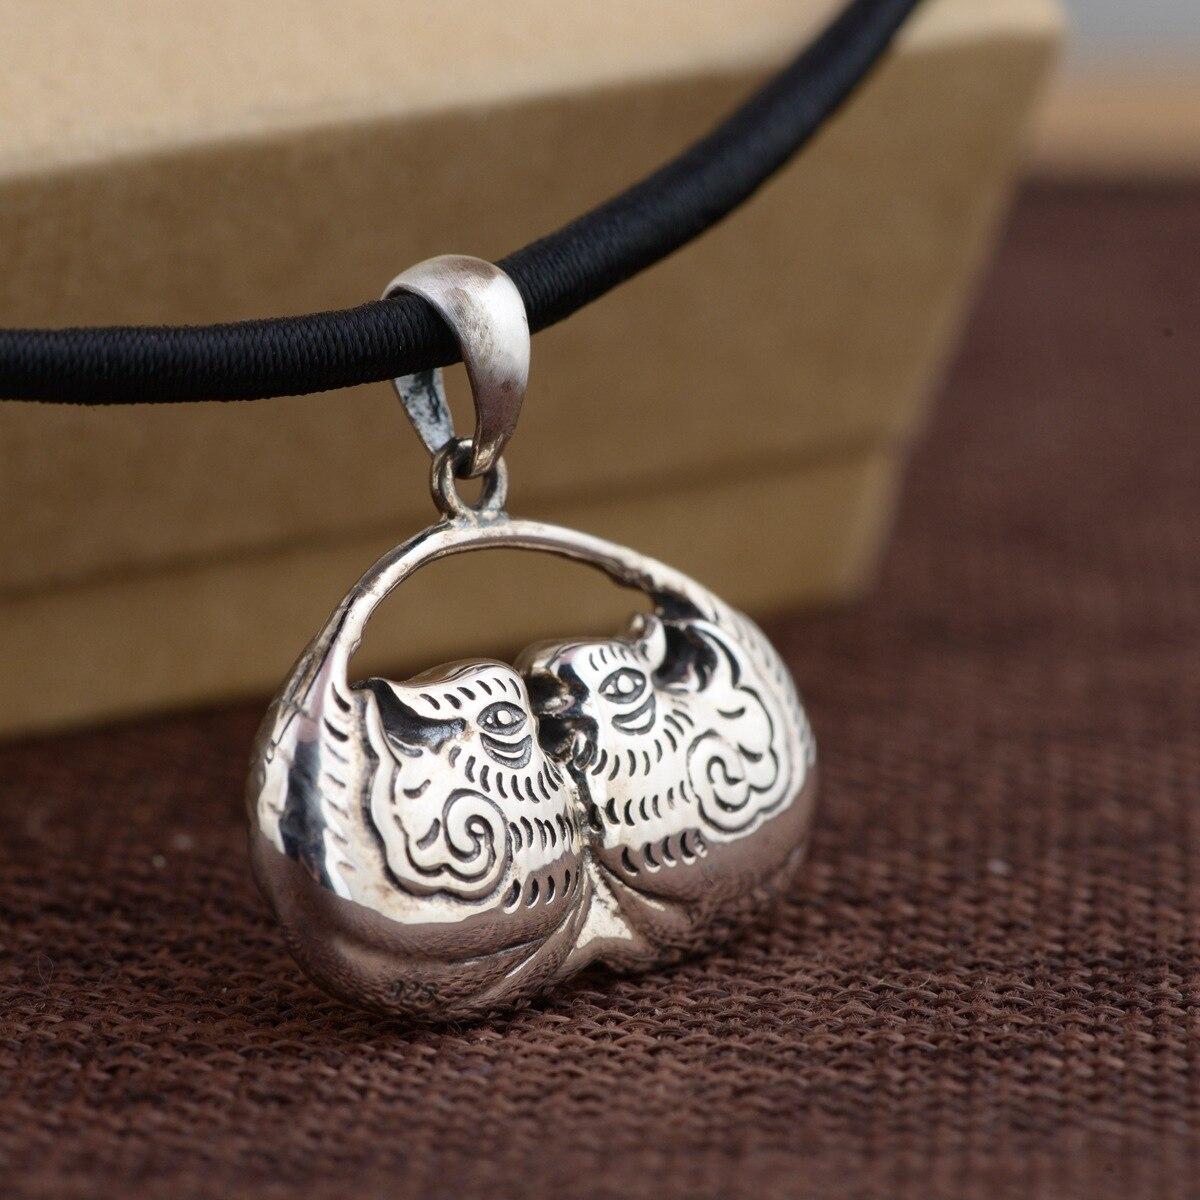 Cerf roi bijoux pendentif en argent S925 en argent Sterling Antique femme canard forme pendentif cadeau artisanat